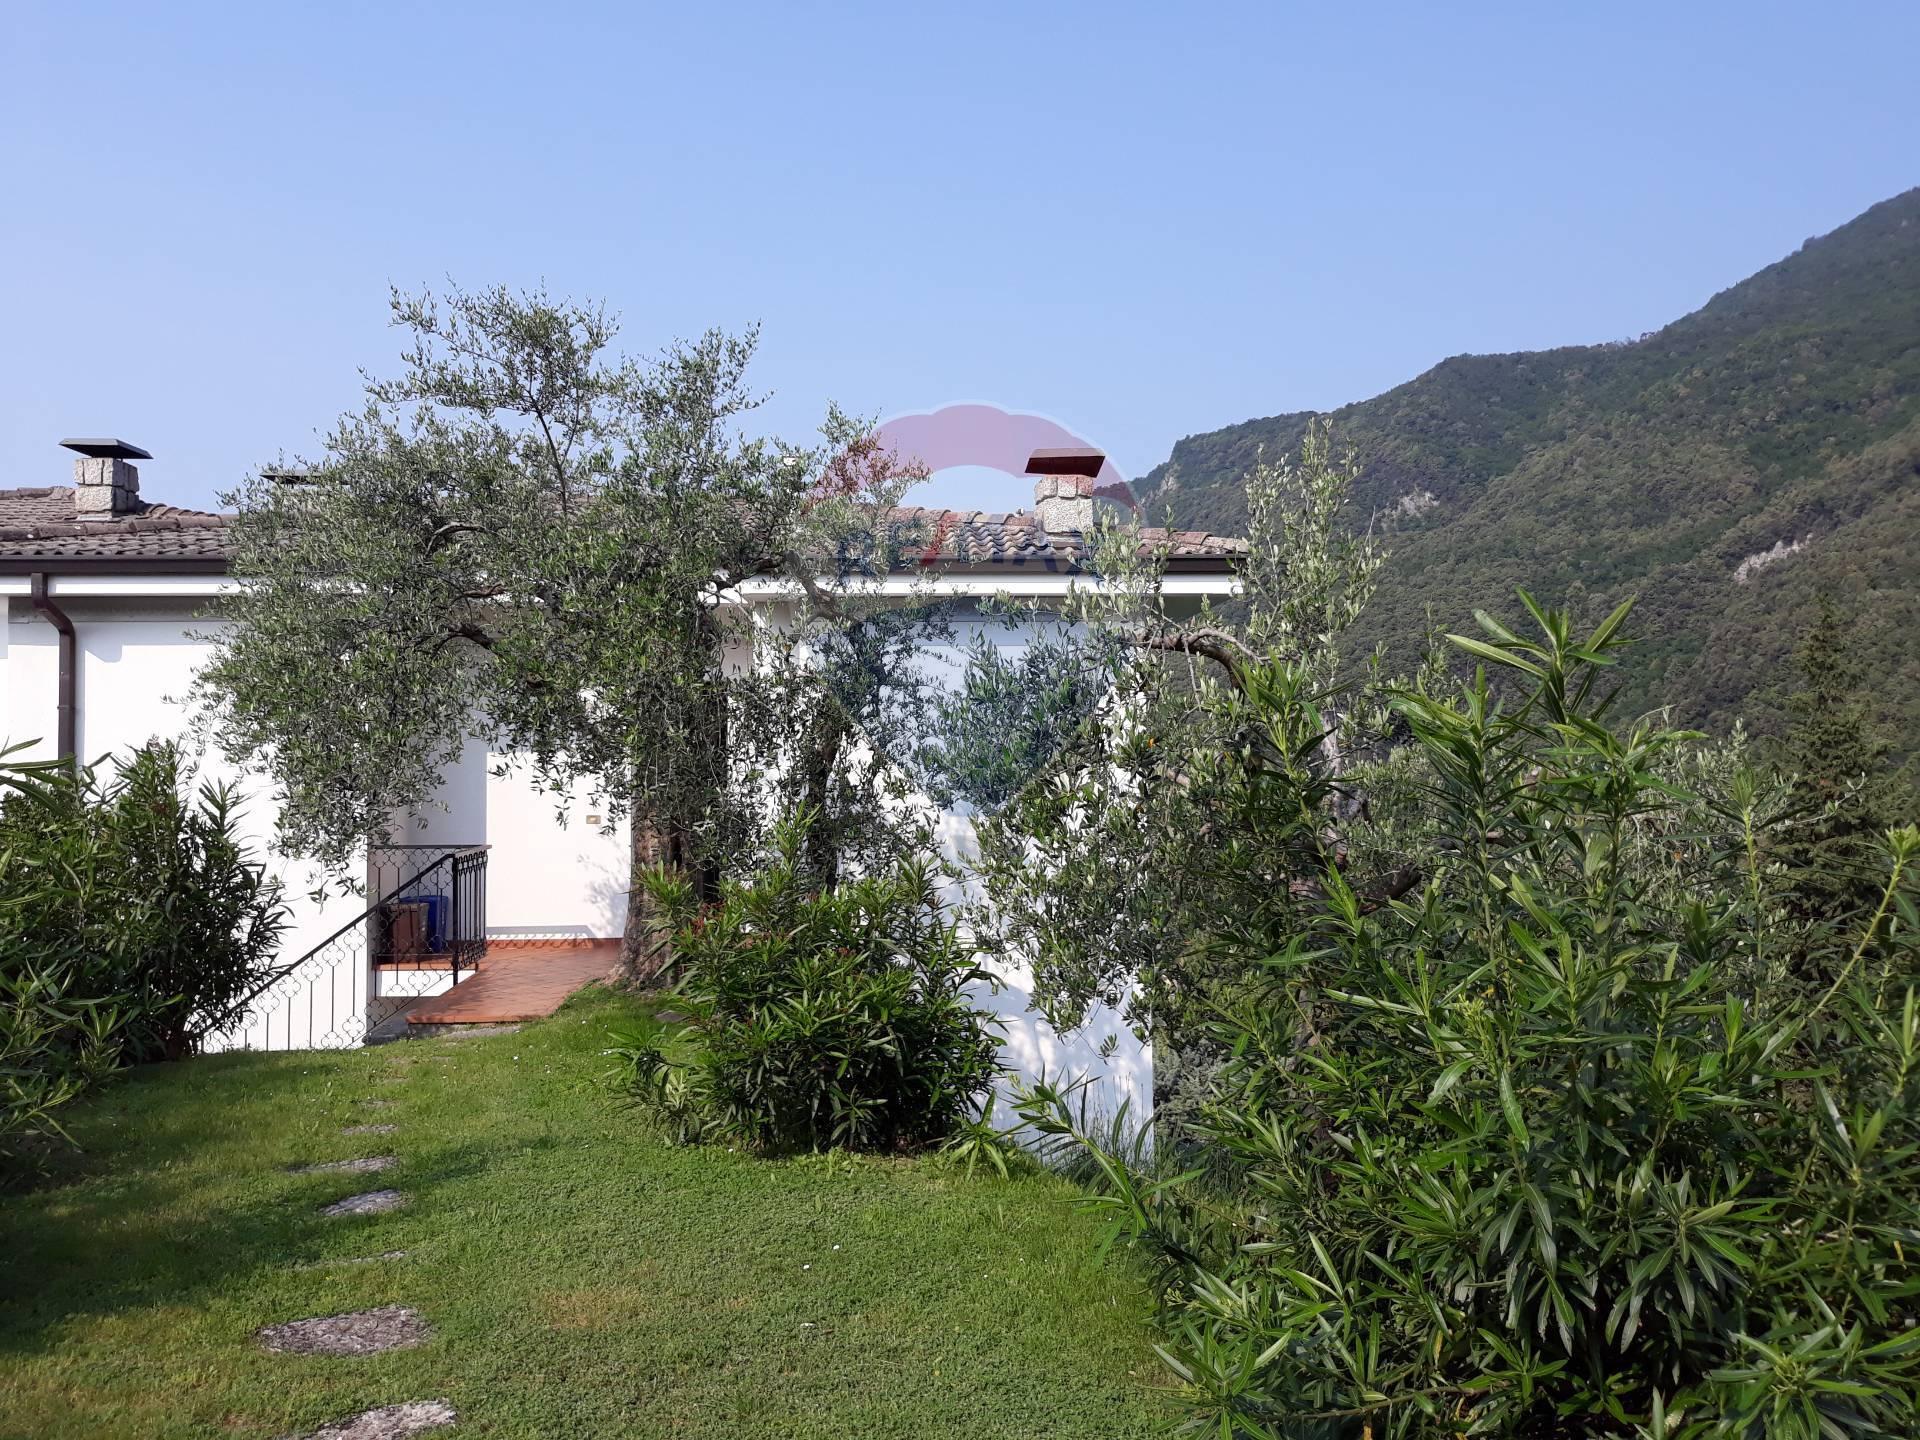 Appartamento in vendita a Toscolano-Maderno, 3 locali, zona Località: MonteMaderno, prezzo € 220.000 | CambioCasa.it